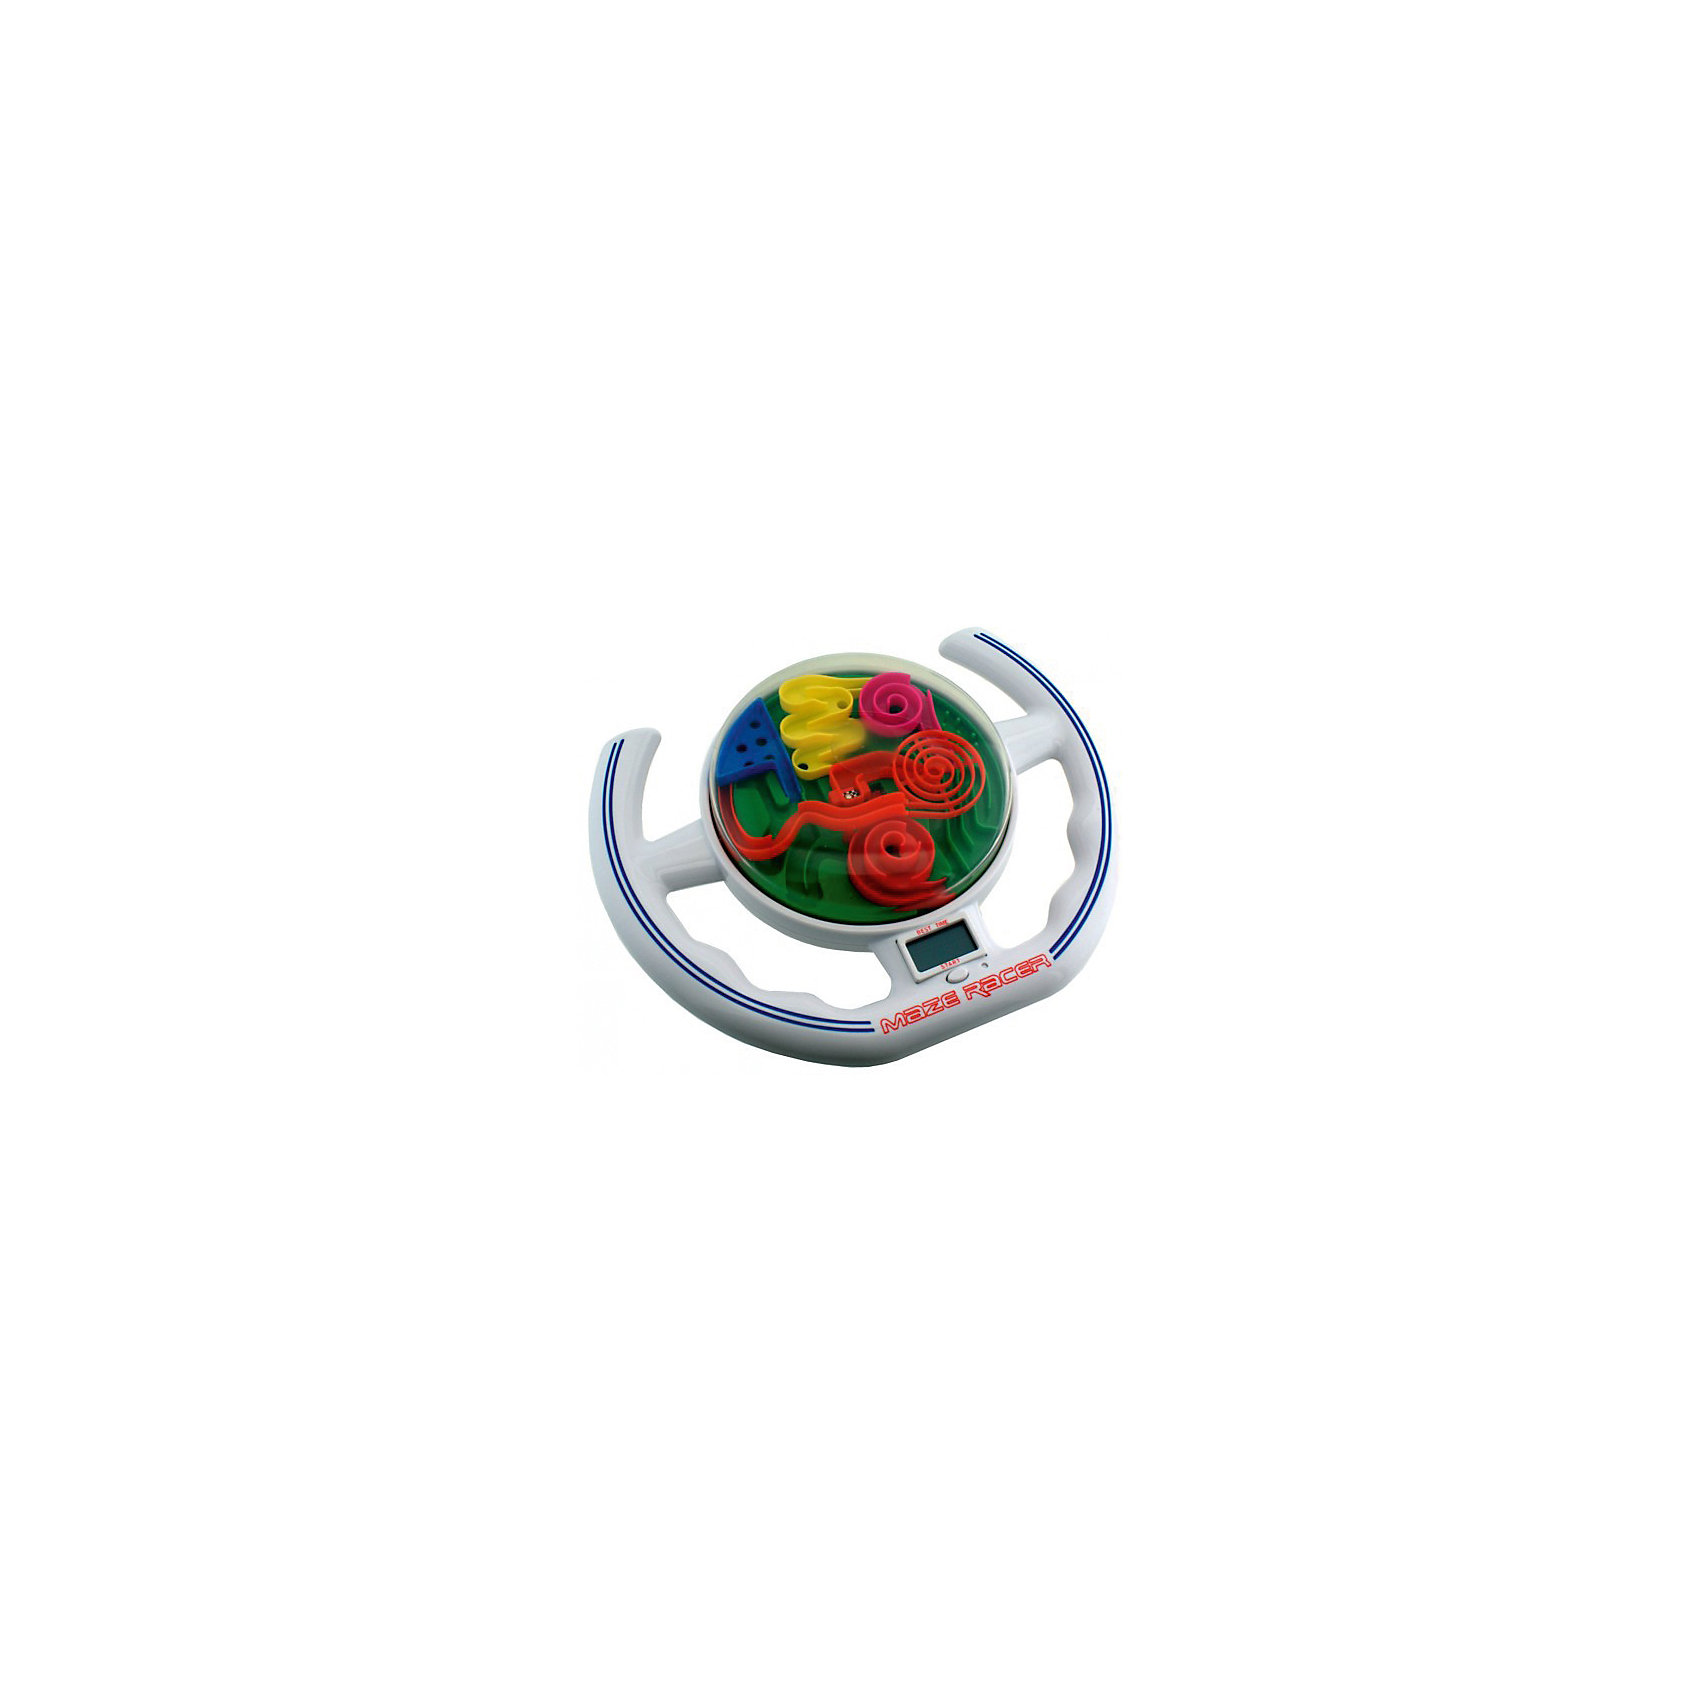 Лабиринтус-руль,  LabirintusОбъёмные головоломки<br>Лабиринтус-руль, Labirintus.<br><br>Характеристики:<br><br>- Возраст: от 6 лет<br>- Размер руля: 20 х 25 см.<br>- Трасса более 1 метра<br>- Батарейки: 2 типа АА (входят в комплект)<br>- Материал: пластик<br><br>Игра Лабиринтус-руль - электронный вариант популярных Шаров-Лабиринтов. Игра выполнена в форме руля от спортивной машины, на поверхности которого расположен лабиринт, а внутри лабиринта есть металлический шарик. Цель игры состоит в том, чтобы пройти запутанную трассу с препятствиями за рекордно короткие сроки, наклоняя и поворачивая руль так, чтобы удерживать шарик на дорожке и обходить опасные точки - отверстия, неогороженный бортик и прочее. Как только шарик попадет конечную точку, сработает стоп-датчик и таймер остановится. Трасса лабиринта более 1 метра. Звуковой эффект добавляет азарт, а ЖК-дисплей между ручек руля показывает текущее время и лучший результат. Игра развивает логическое и пространственное мышление, тренирует усидчивость.<br><br>Игру Лабиринтус-руль, Labirintus можно купить в нашем интернет-магазине.<br><br>Ширина мм: 280<br>Глубина мм: 70<br>Высота мм: 300<br>Вес г: 400<br>Возраст от месяцев: 72<br>Возраст до месяцев: 2147483647<br>Пол: Унисекс<br>Возраст: Детский<br>SKU: 5348111